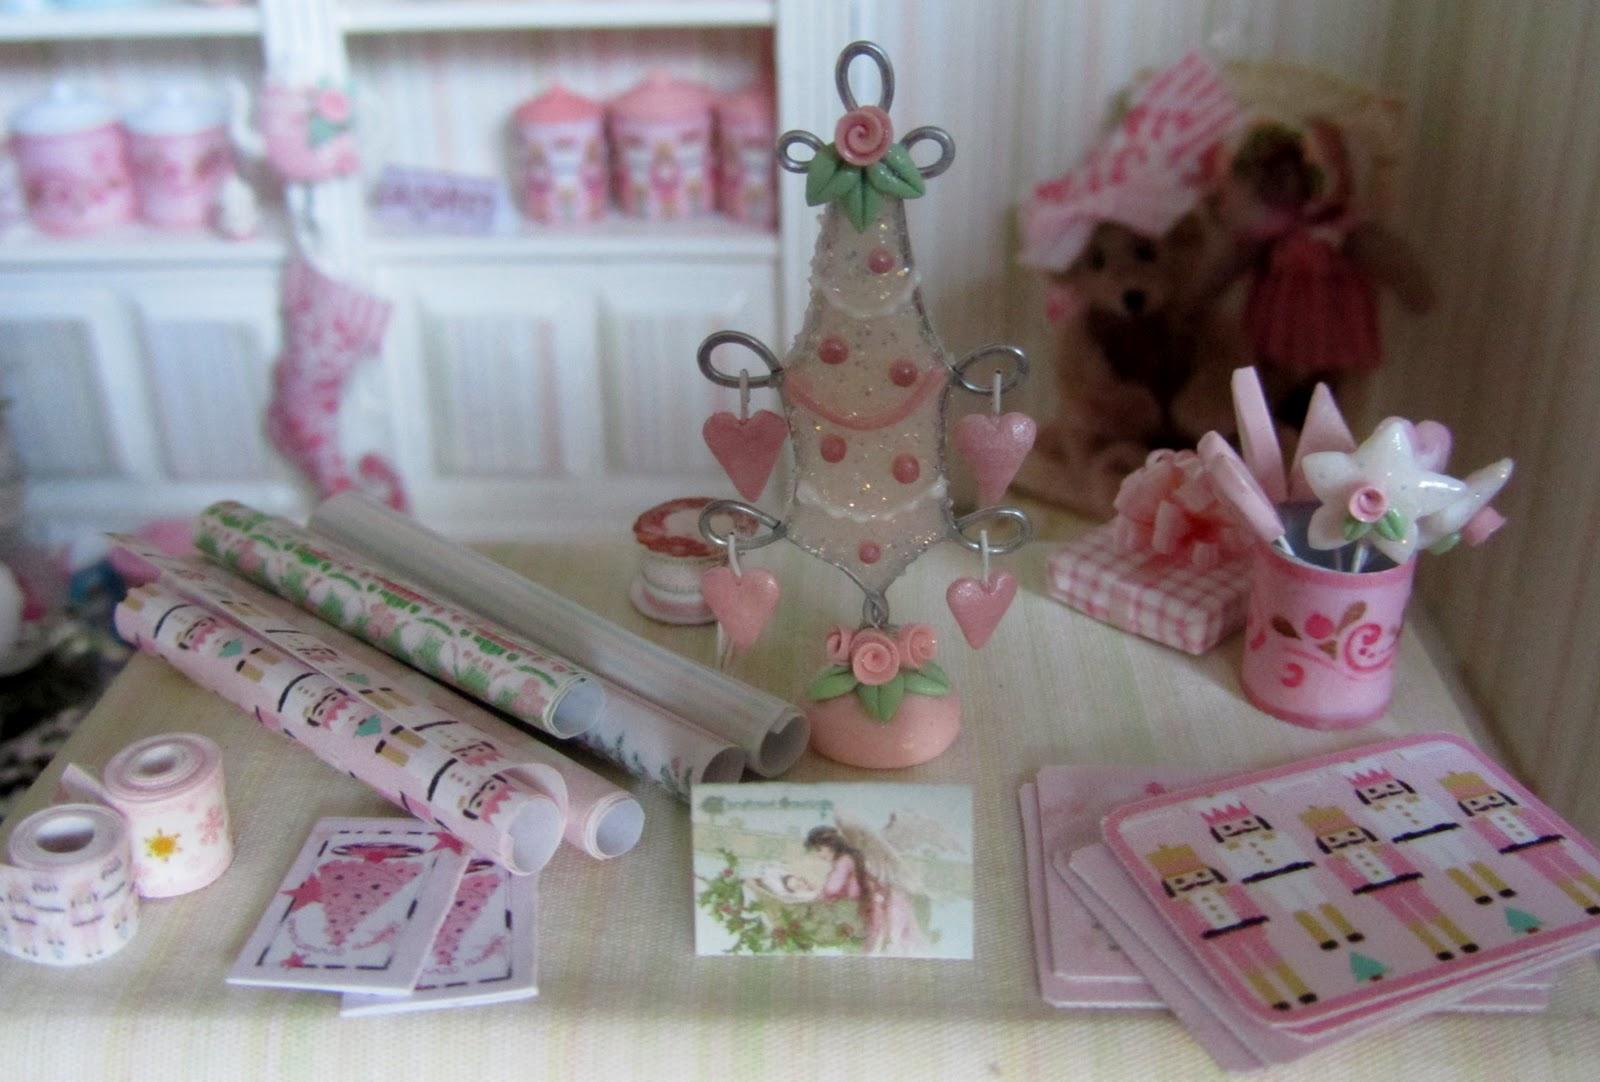 http://3.bp.blogspot.com/-2kLiwSj4Kqg/TuDDbGJn8KI/AAAAAAAAAZc/IbxXfy41C_g/s1600/Christmas+Gifts+7.JPG